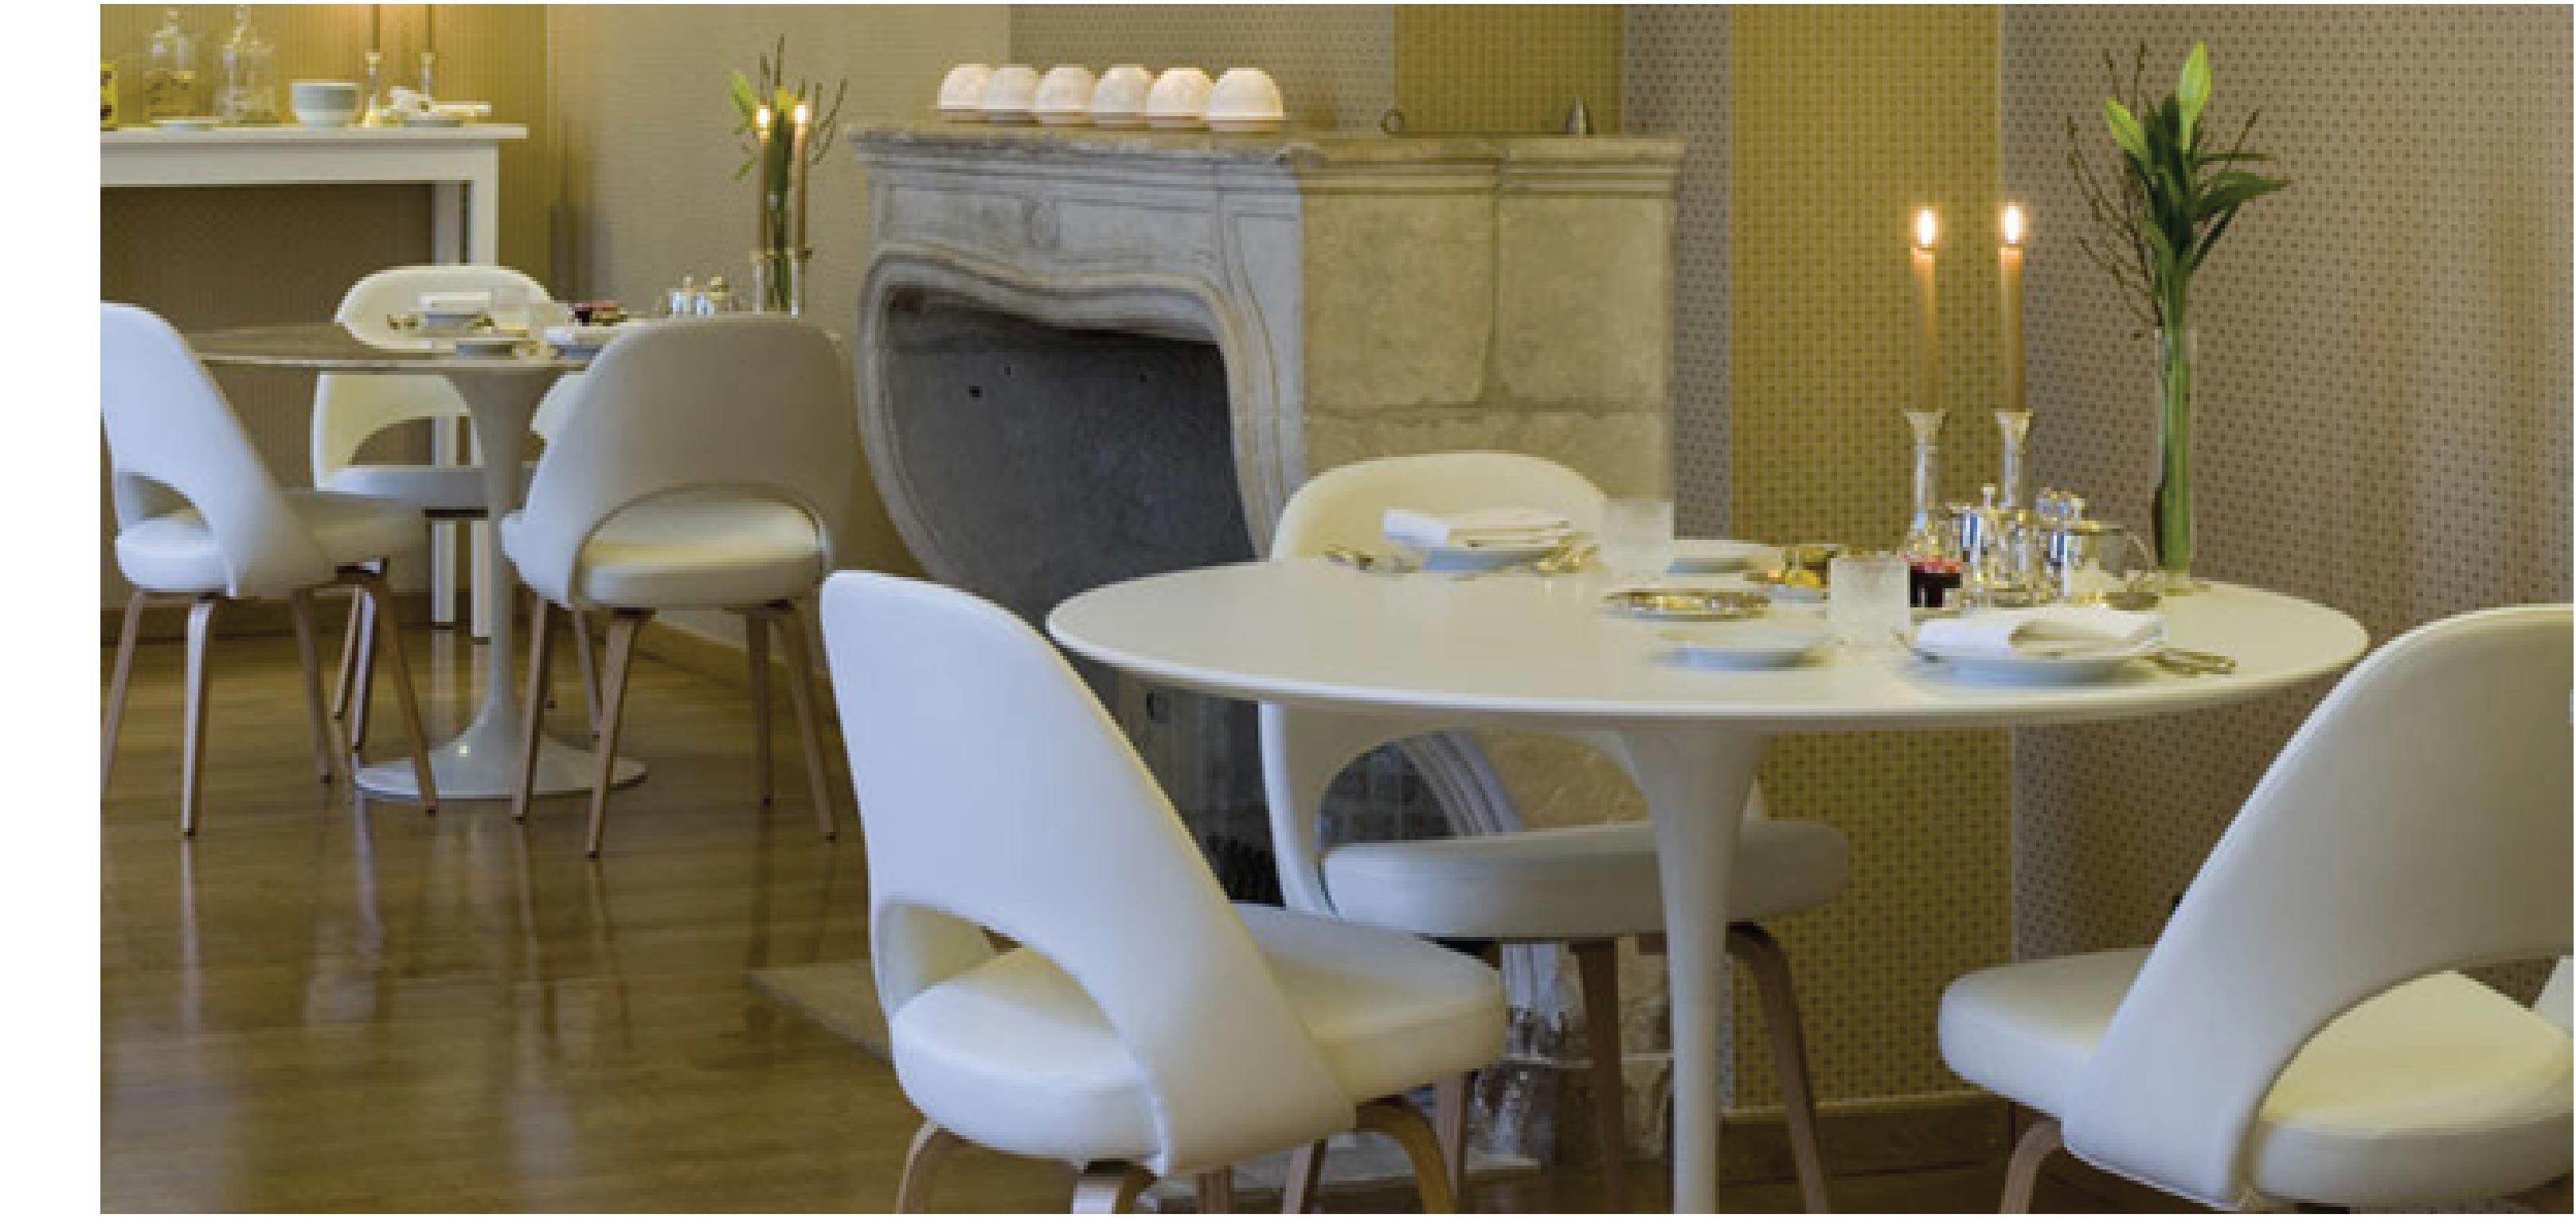 Hotel De Witte Lelie Antwerp Antwerp - City Guide 312